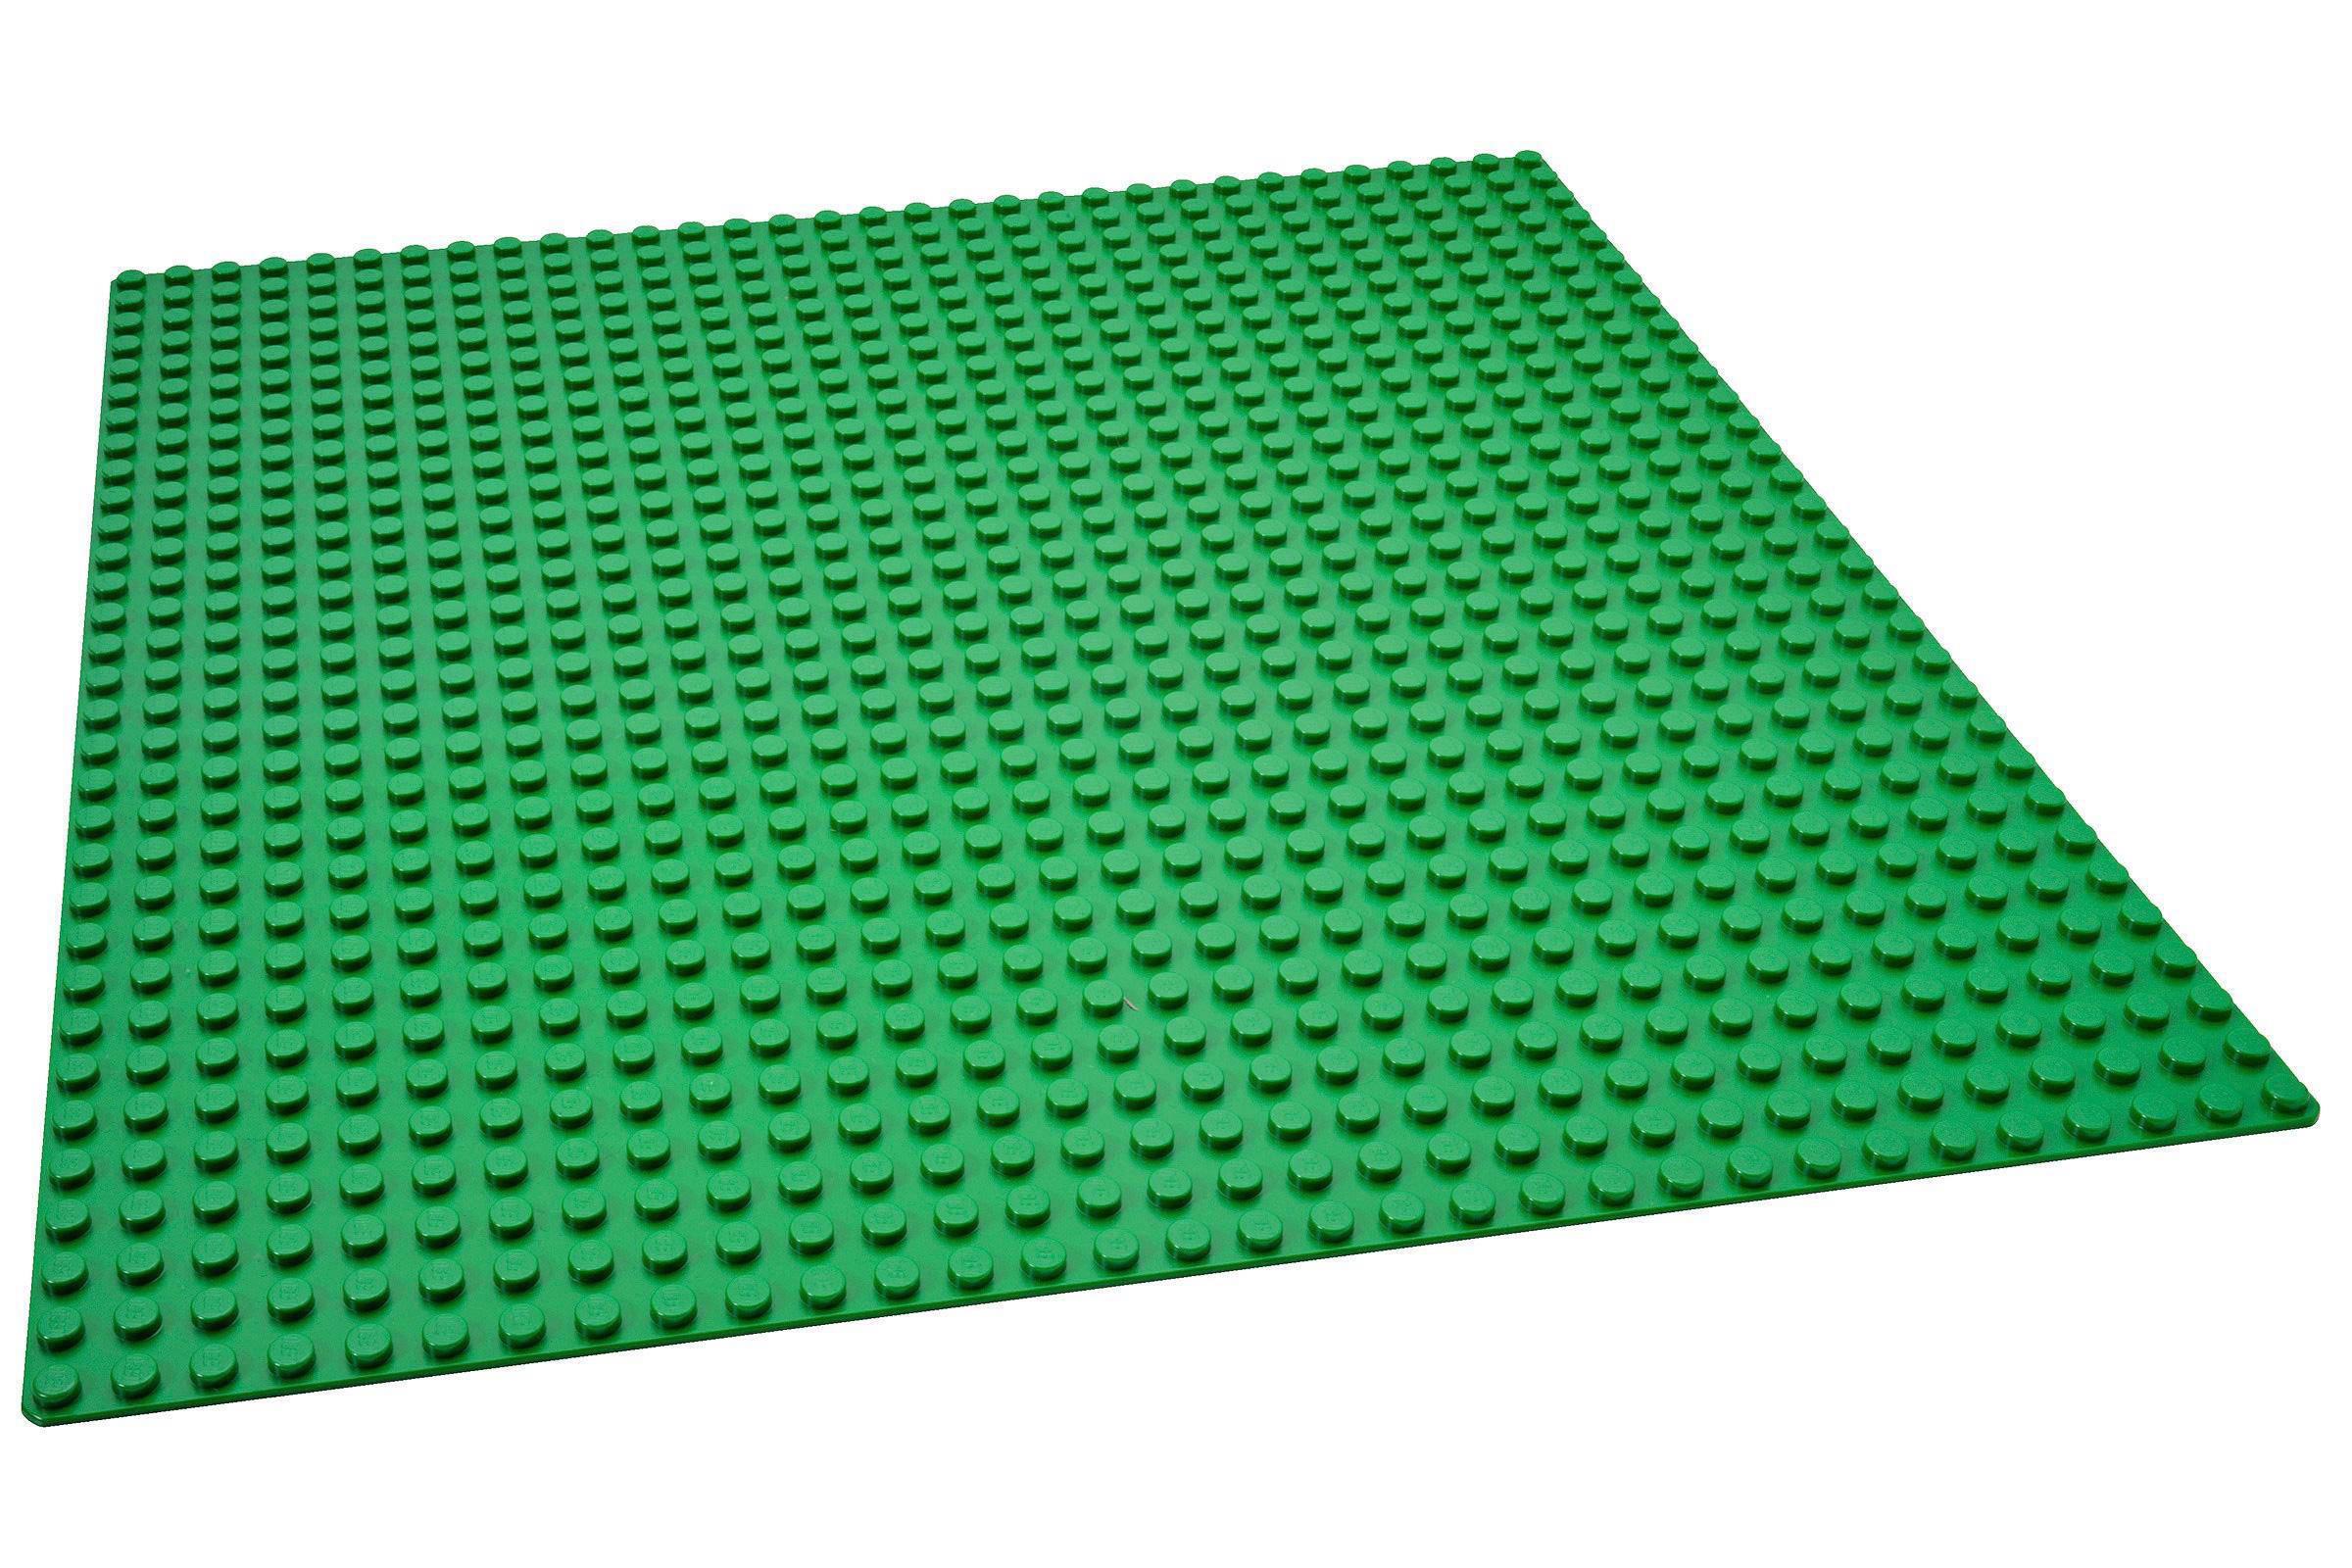 Bouwplaat Voor Badkamer : Lego duplo basisstenen bouwplaat grote bouwplaat